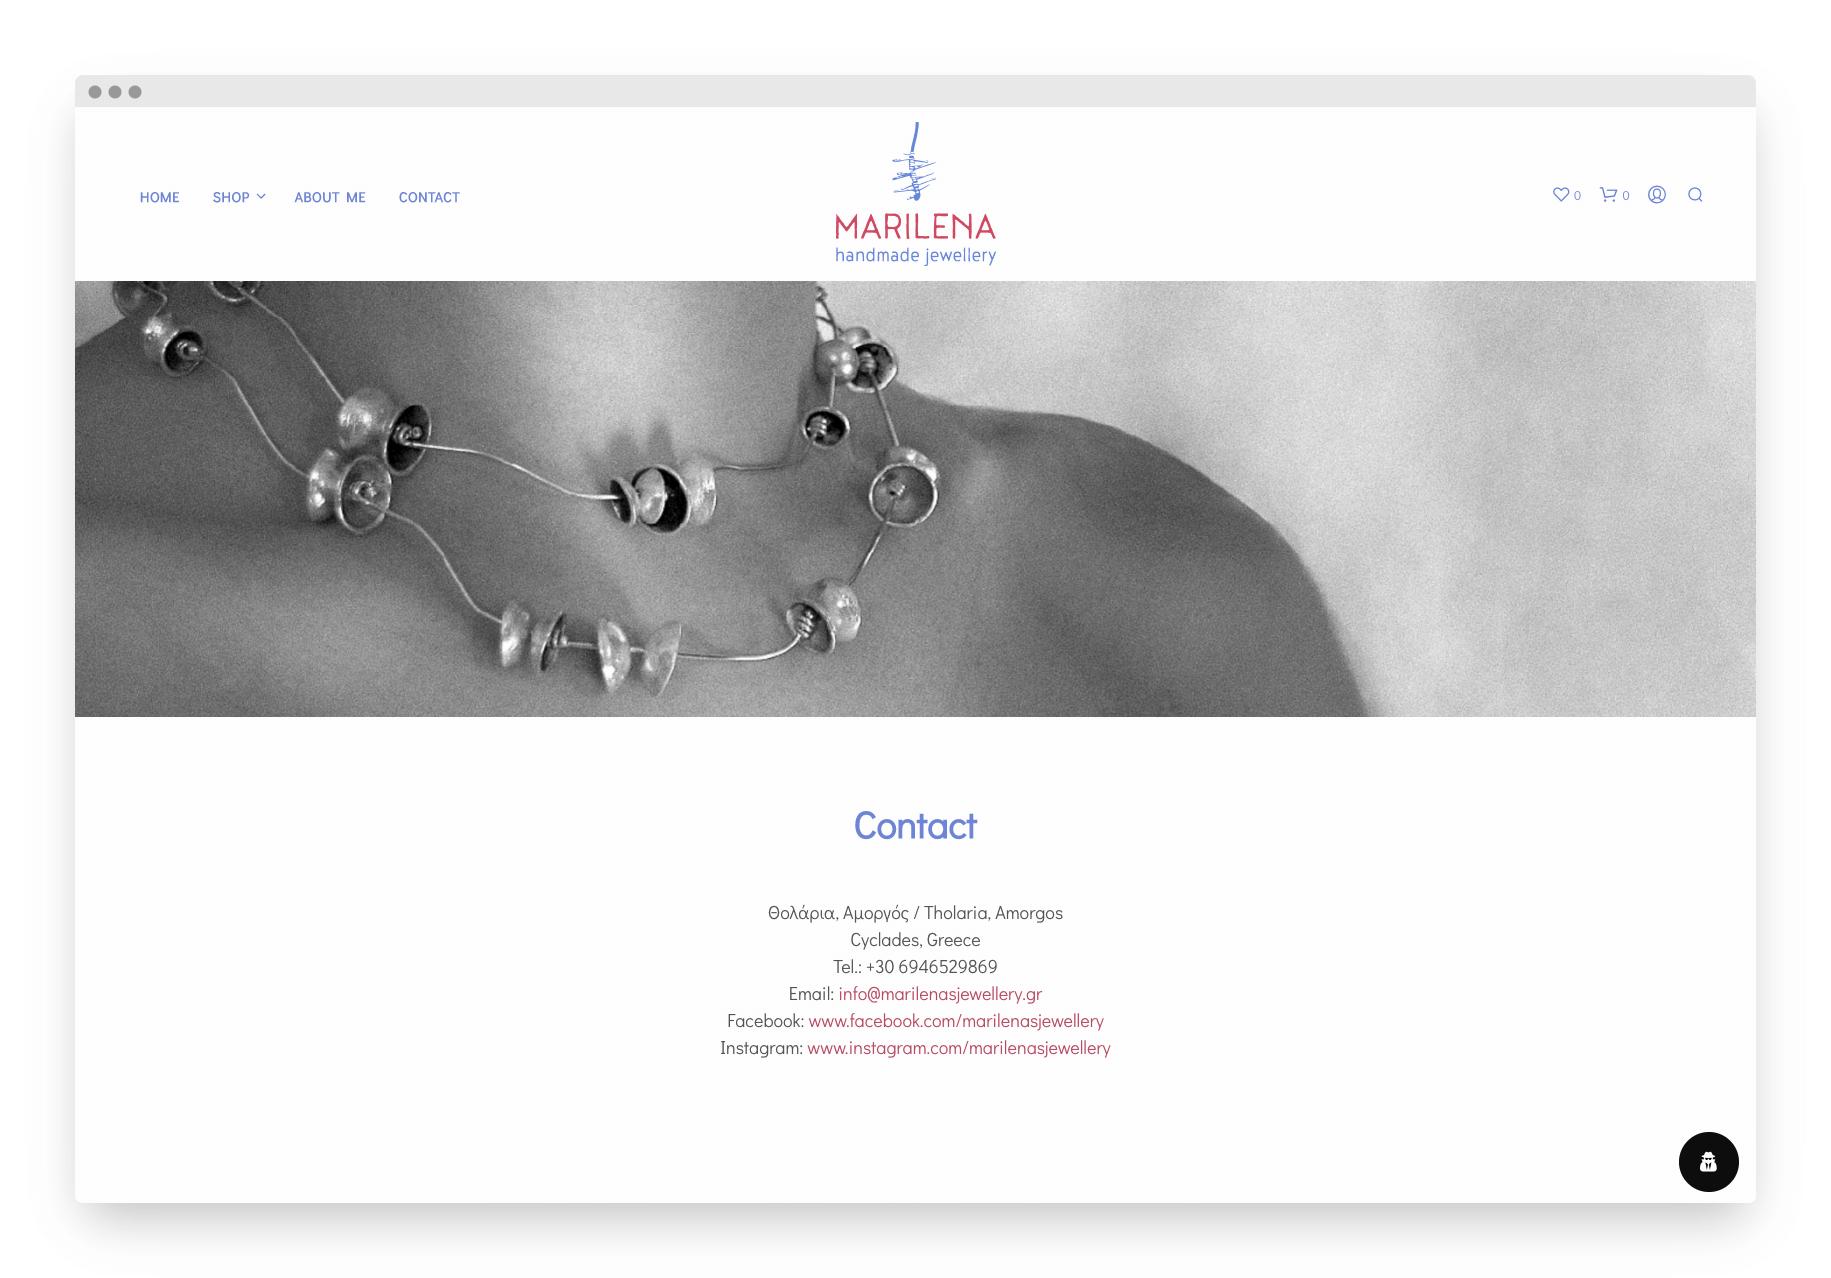 Marilenasjewellery Eshop 8